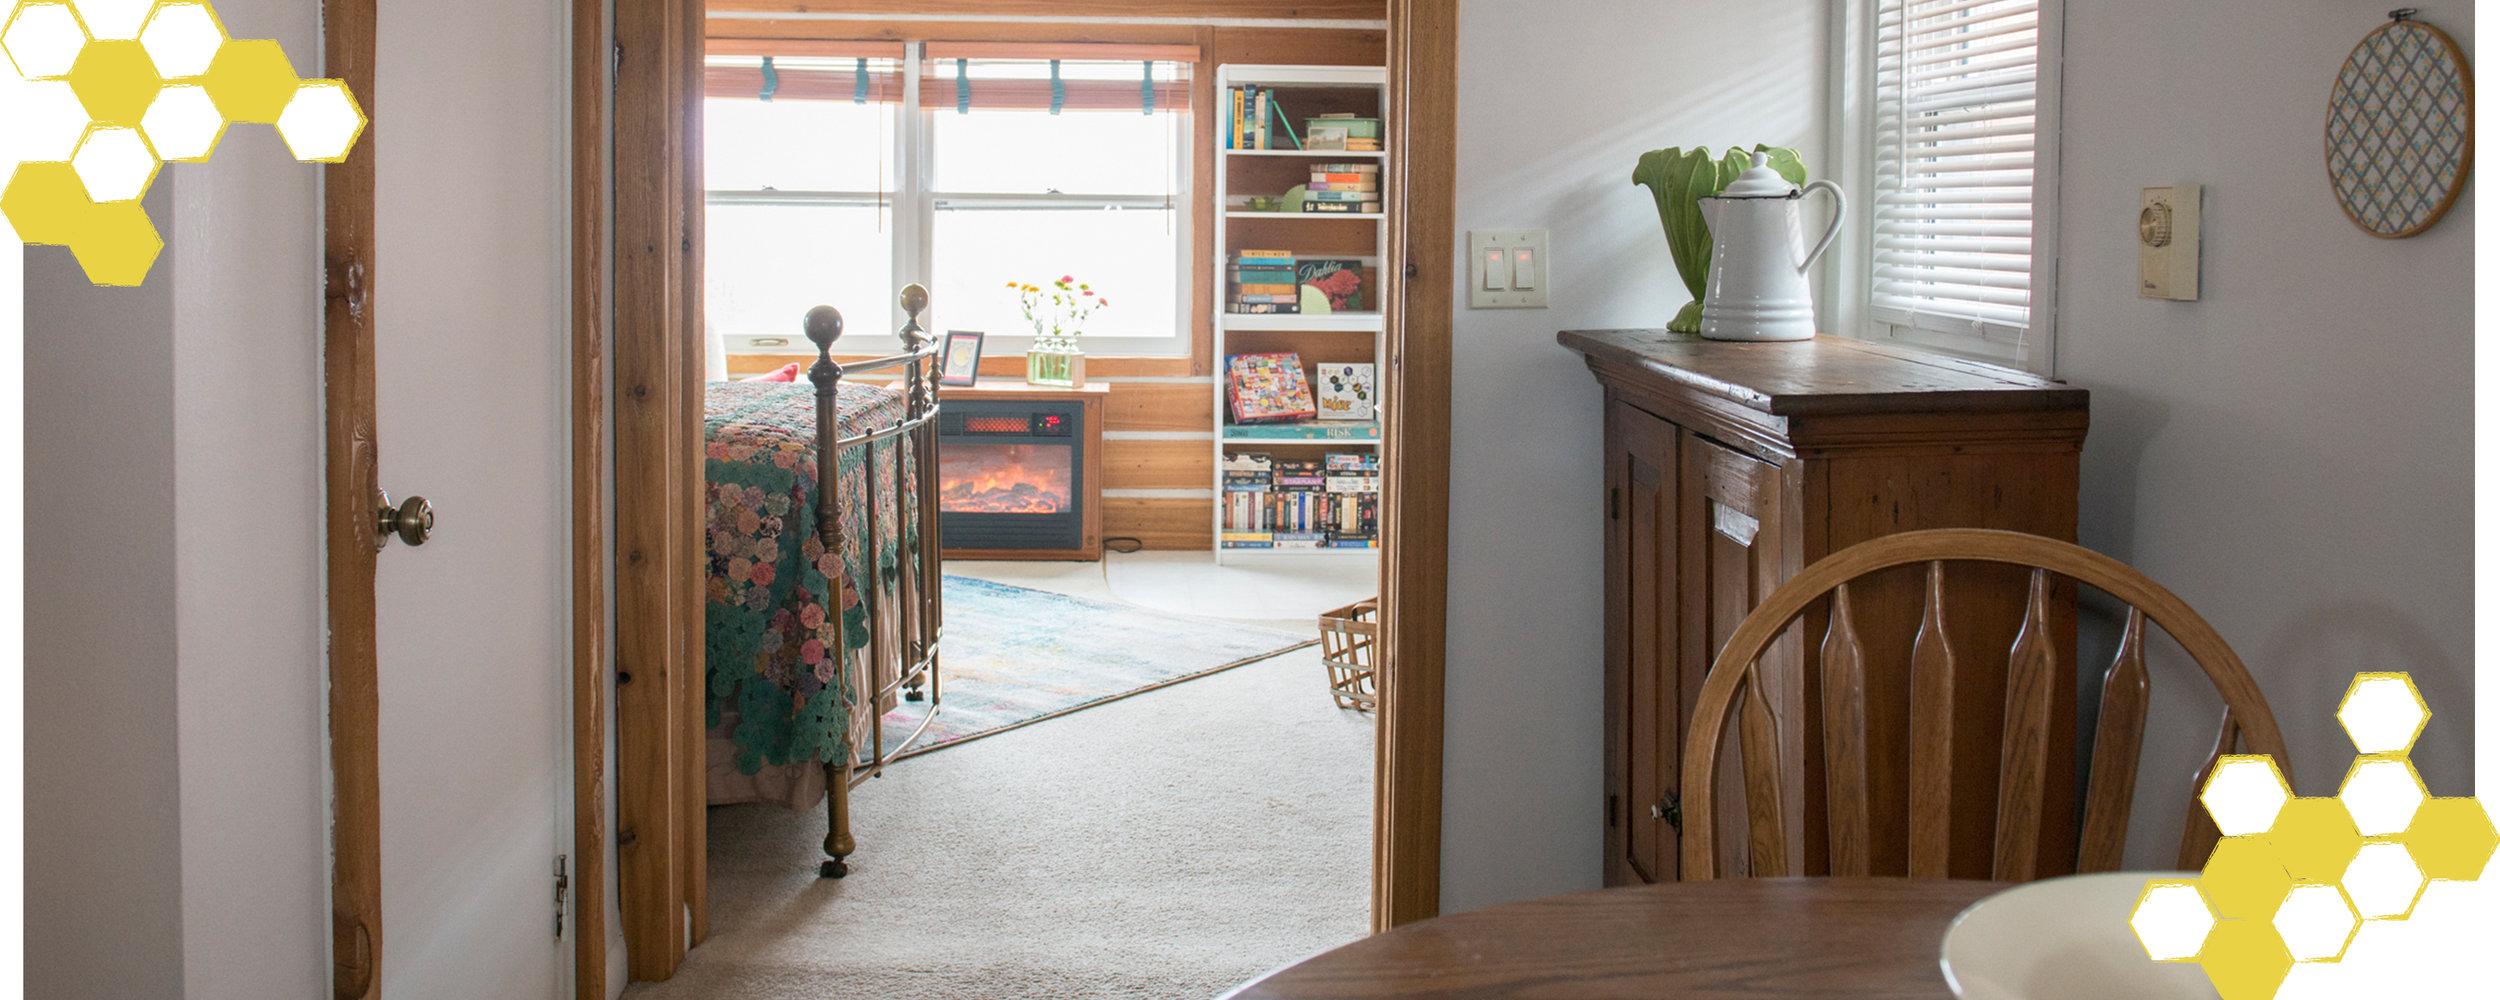 Sliders-BeesKnees-Kitchen1.jpg